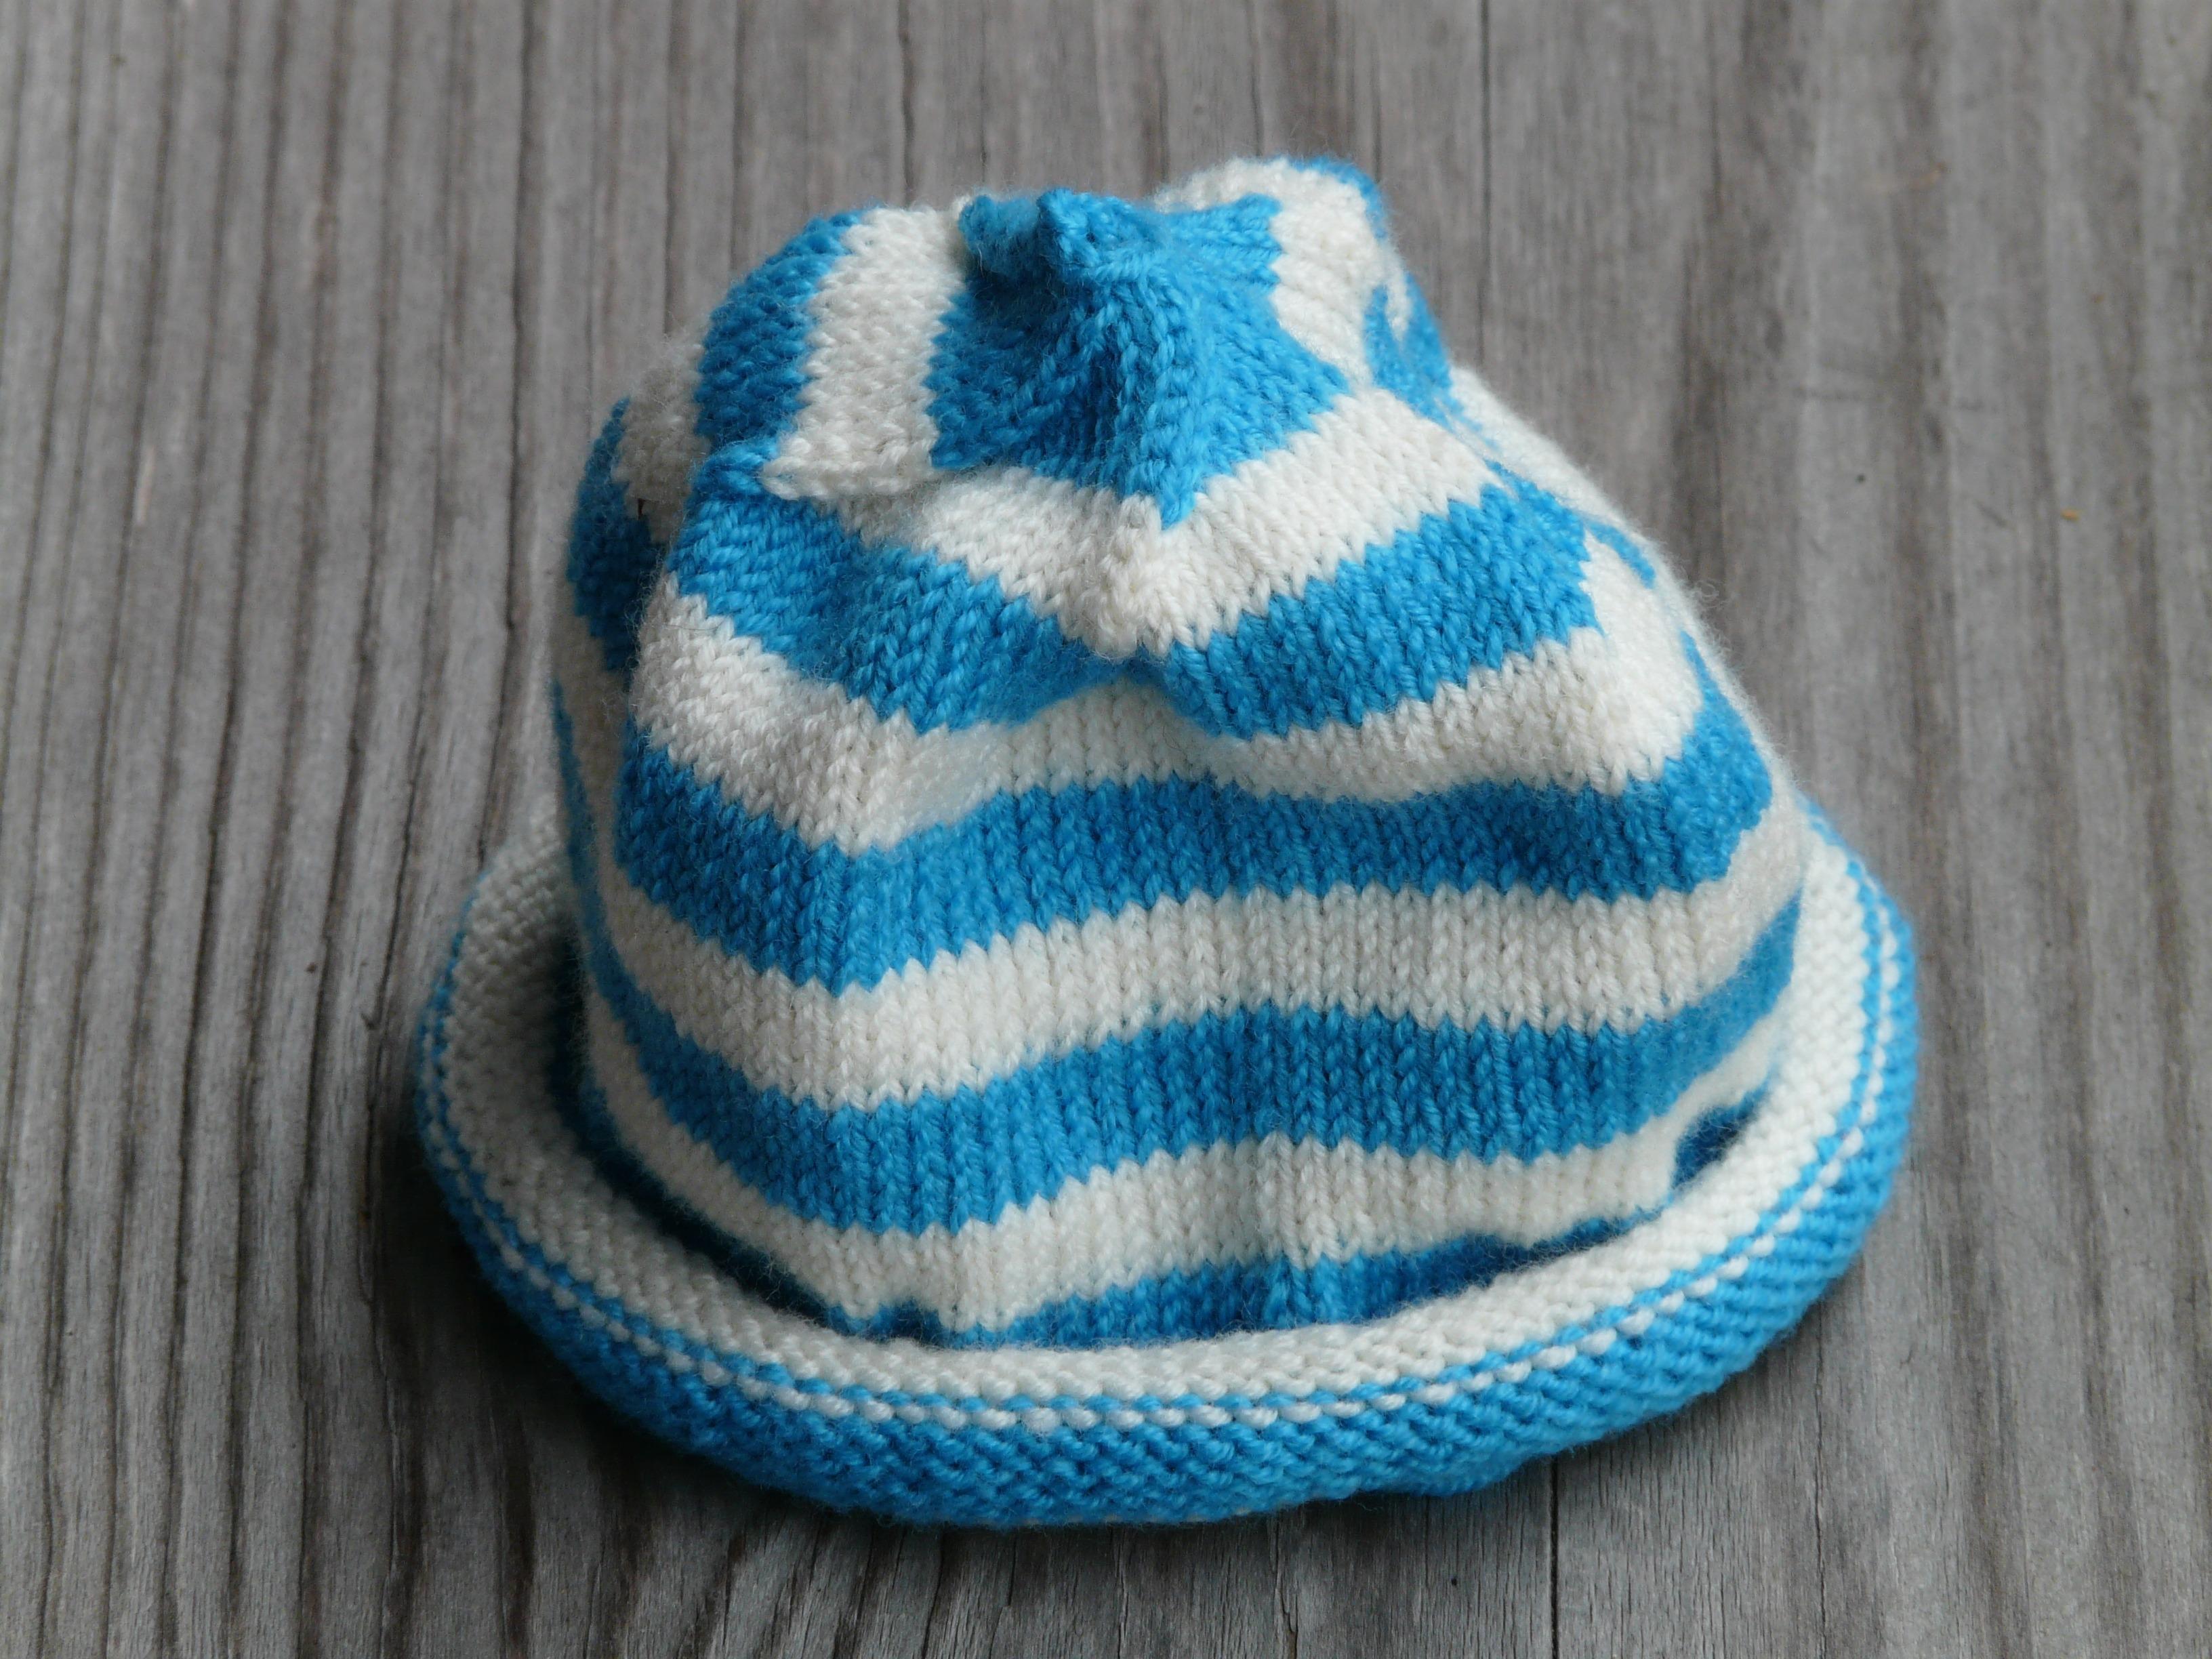 Fotos gratis : frío, invierno, calentar, regalo, patrón, sombrero ...